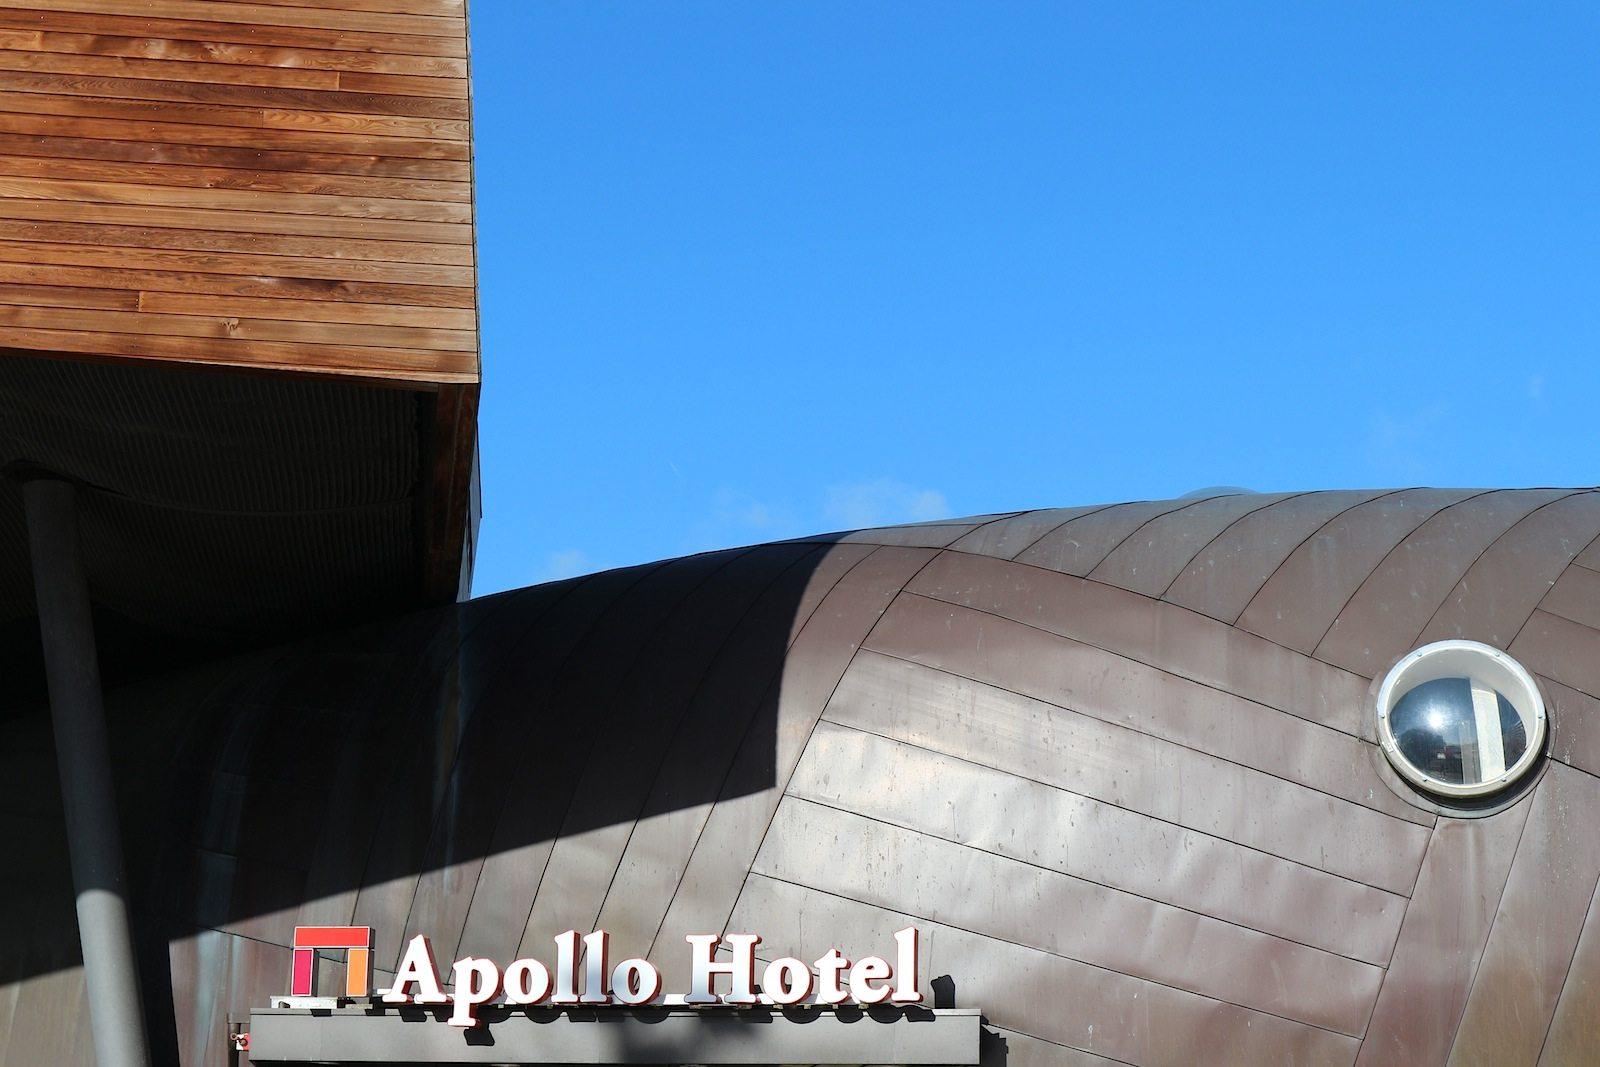 Apollo Hotel. Ein Reiz des Alsop-Ensembles: die Verschiedenartigkeit der Körper wie hier die an Blob-Architektur erinnernde Freiform des Hotels. Auf der anderen Seite steht ein linear-sachlicher Elektrofachmarkt, ebenfalls von Alsop.